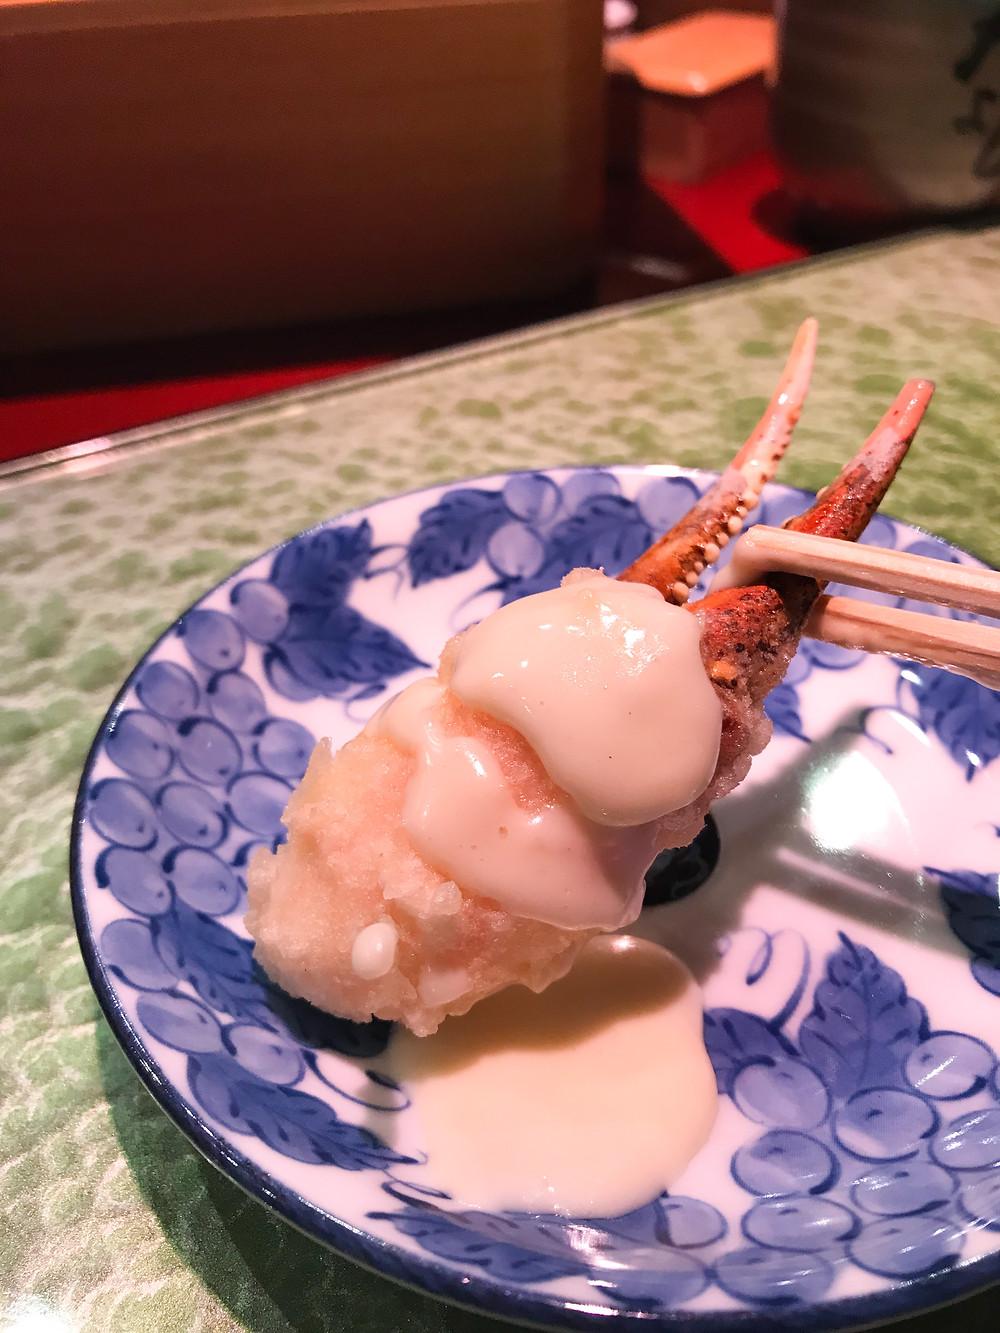 Tempura at Ten Yoshi Japanese restaurant in Causeway Bay Hong Kong